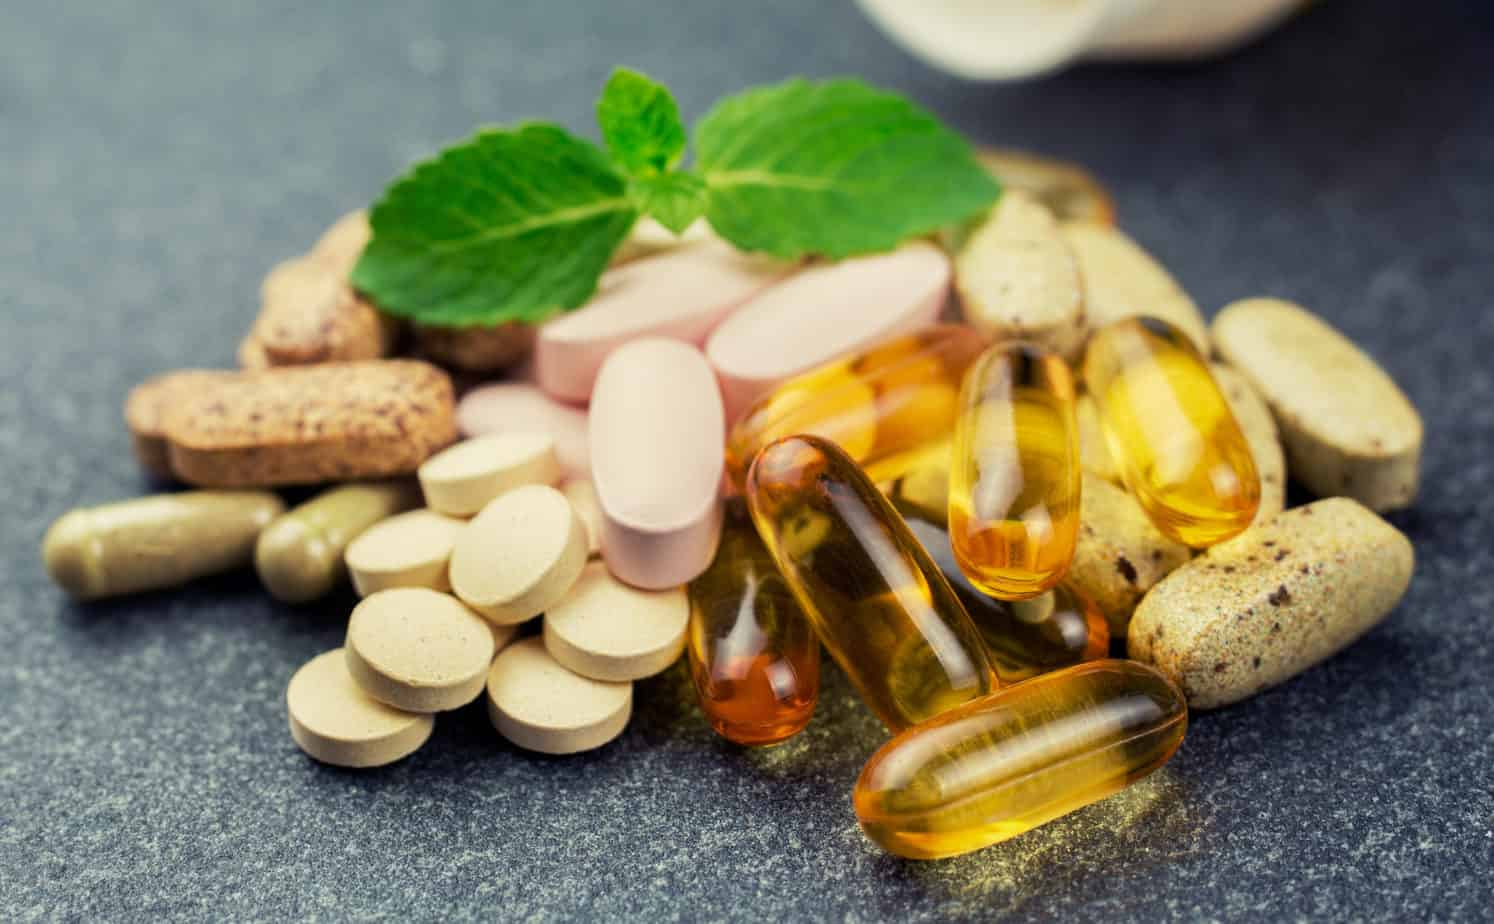 أفضل حبوب التخسيس وحرق الدهون مرخصة من وزارة الصحة وبدون وصفة طبية